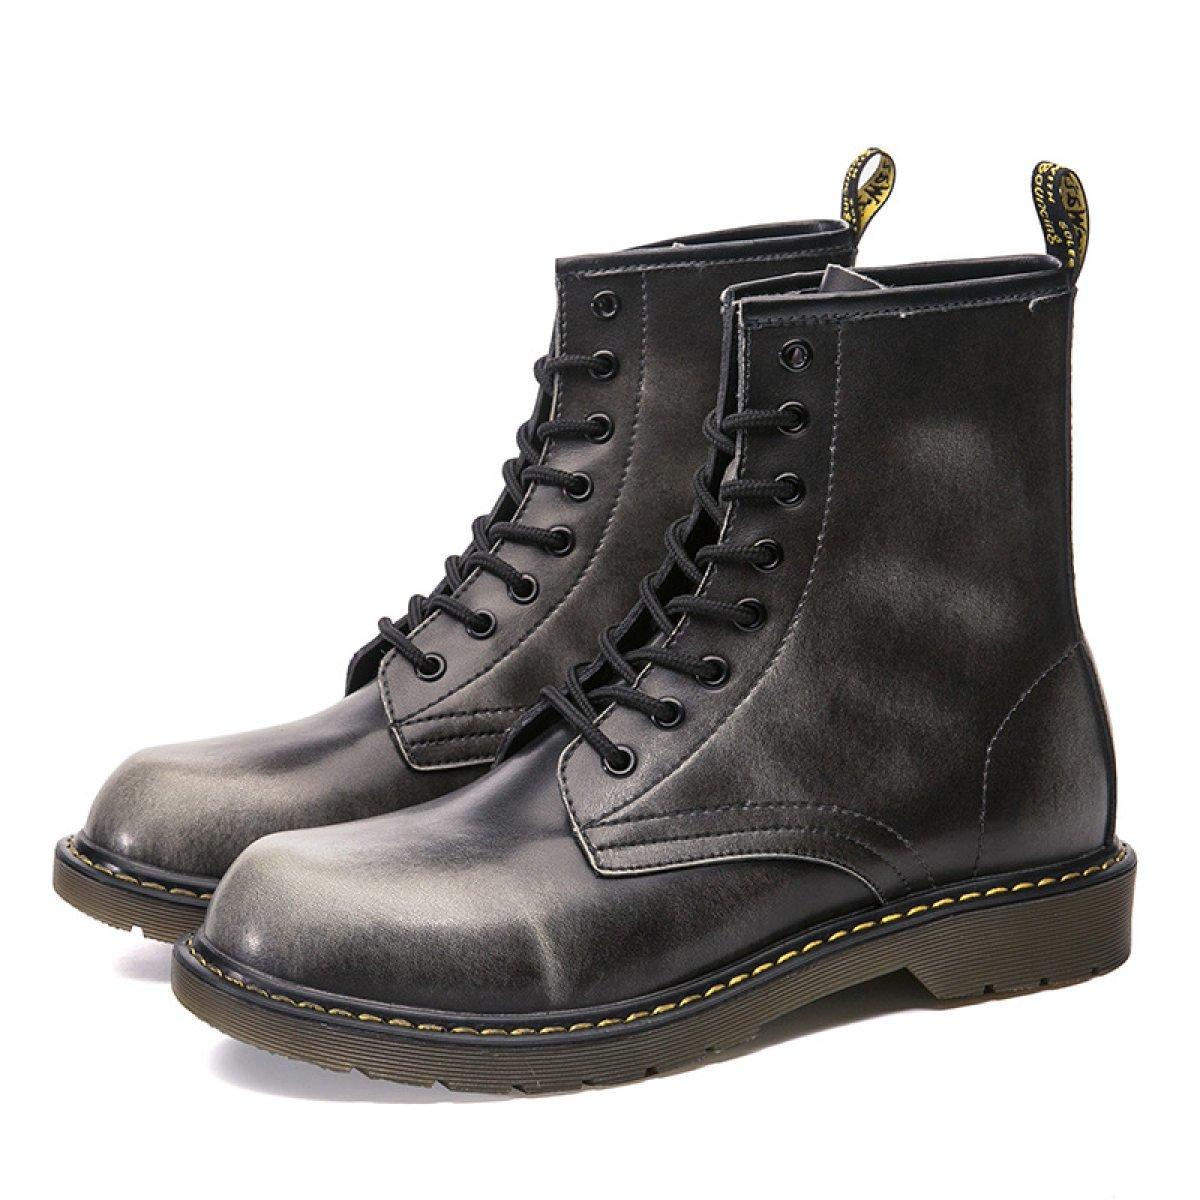 ZPFME Männer Martin Stiefel Business Leder Schuhe Smart Formale Schnürschuhe Brogues für Männer Frühling Herbst Schuhe